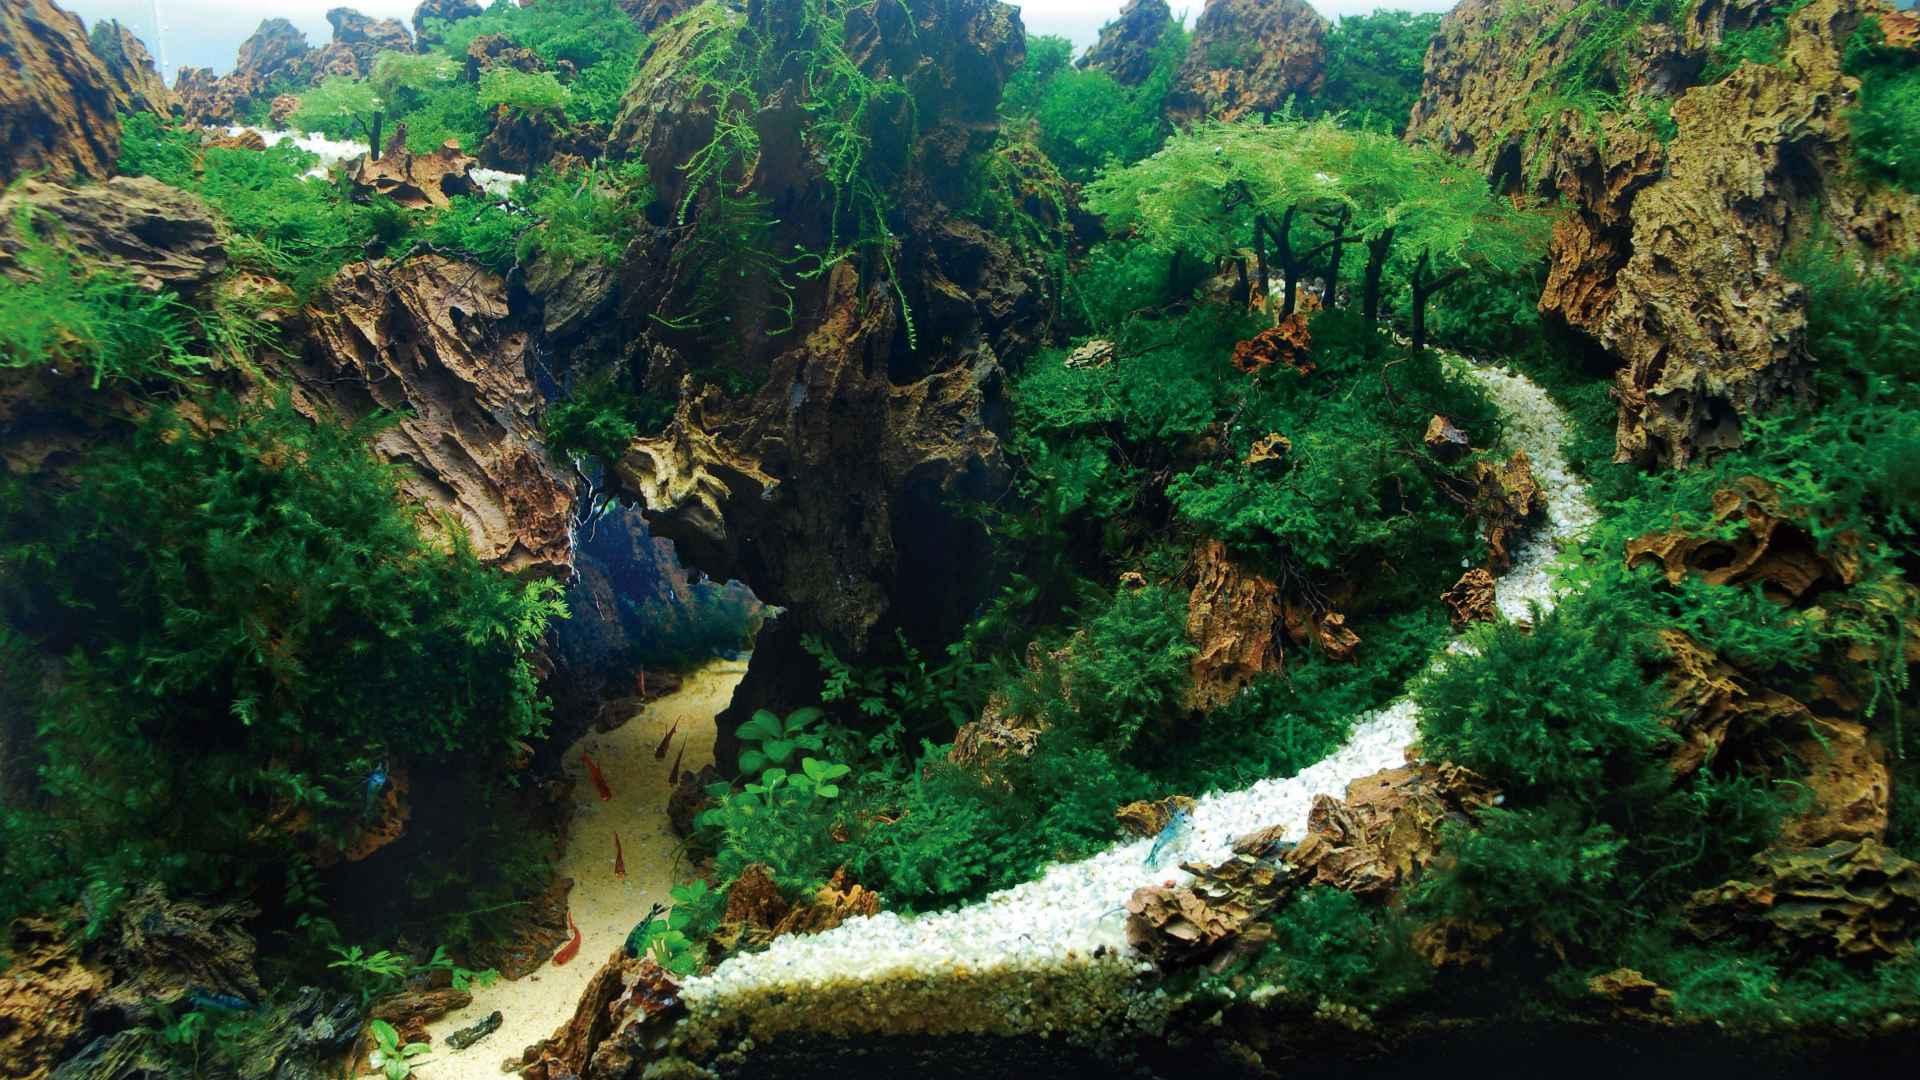 第59名 – 印尼 – Dama Refiyuda – The Road of Mountain – 28L 以下